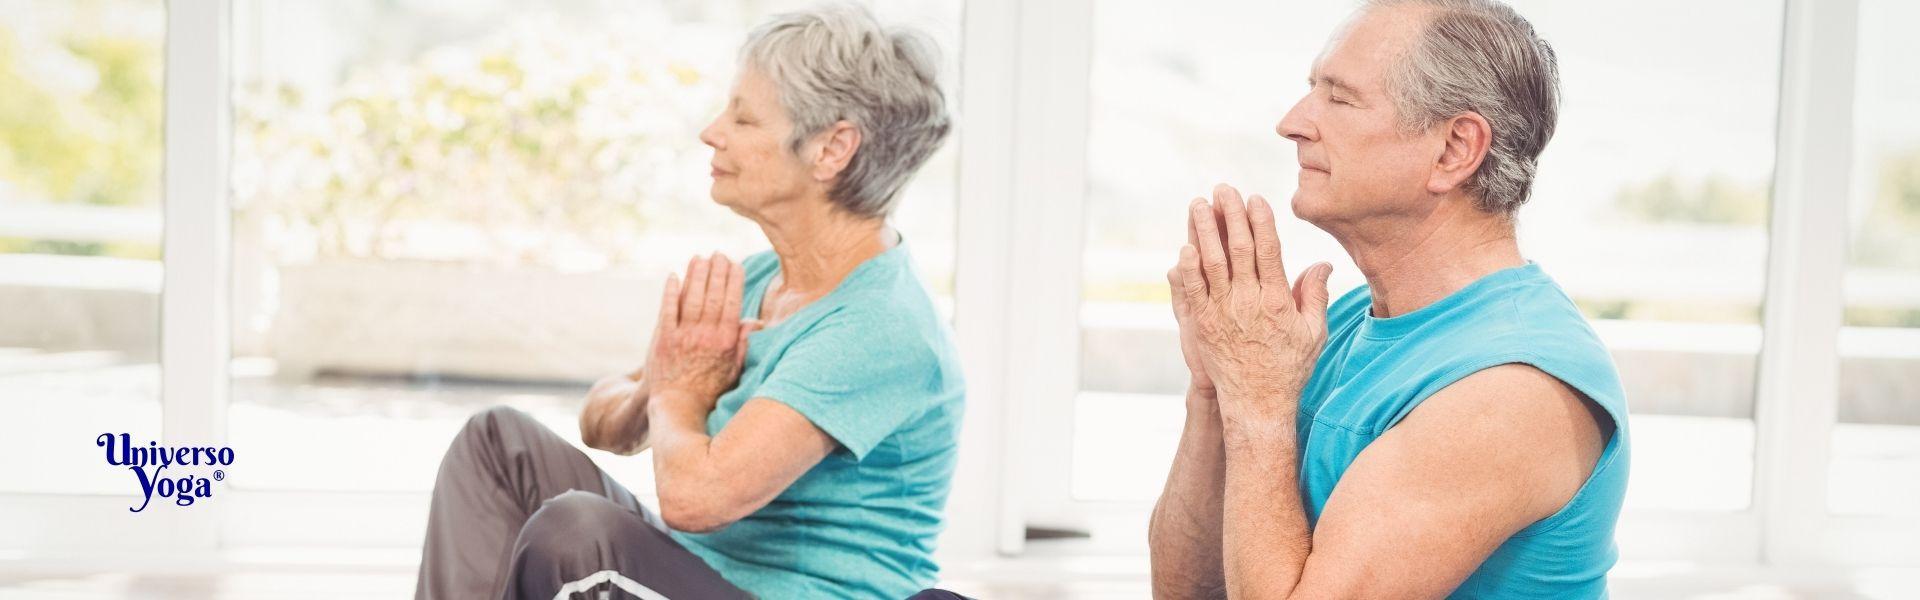 qué es yoga y para qué sirve 5